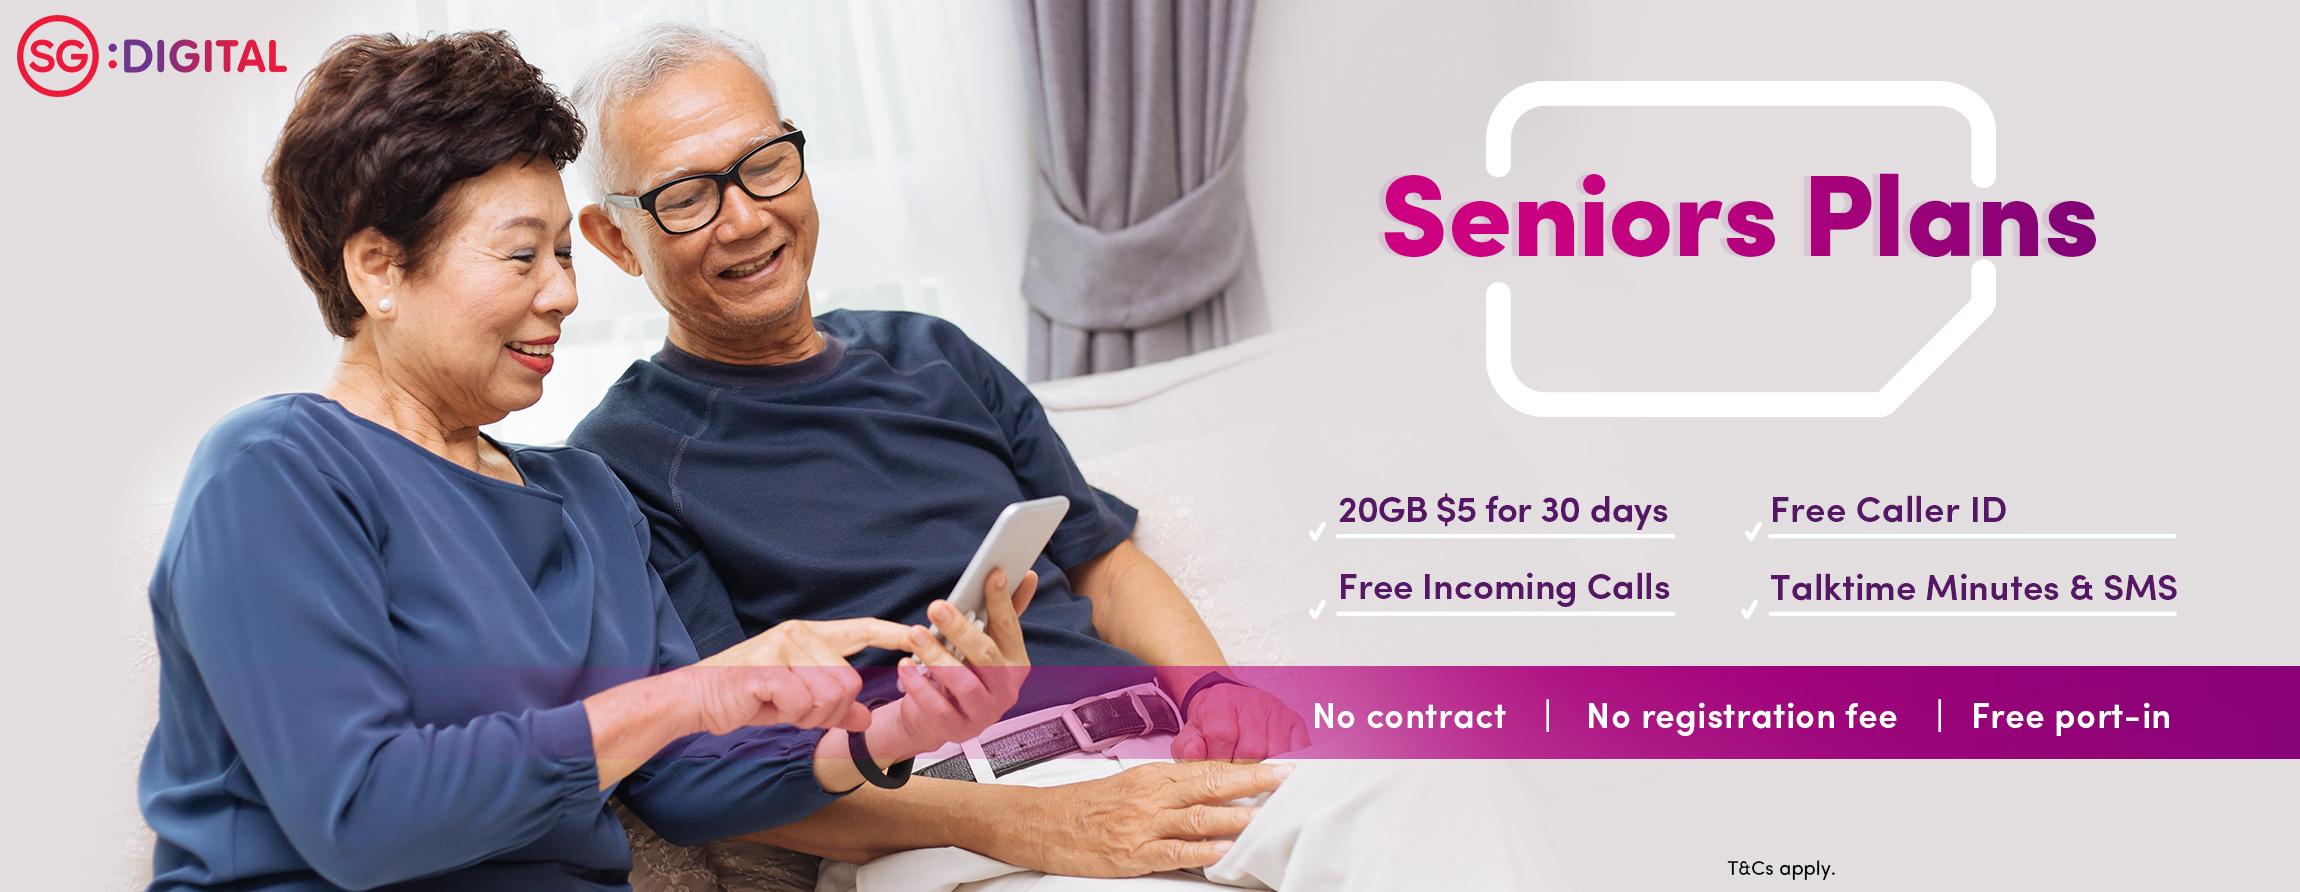 $5 for 20GB seniors data plan